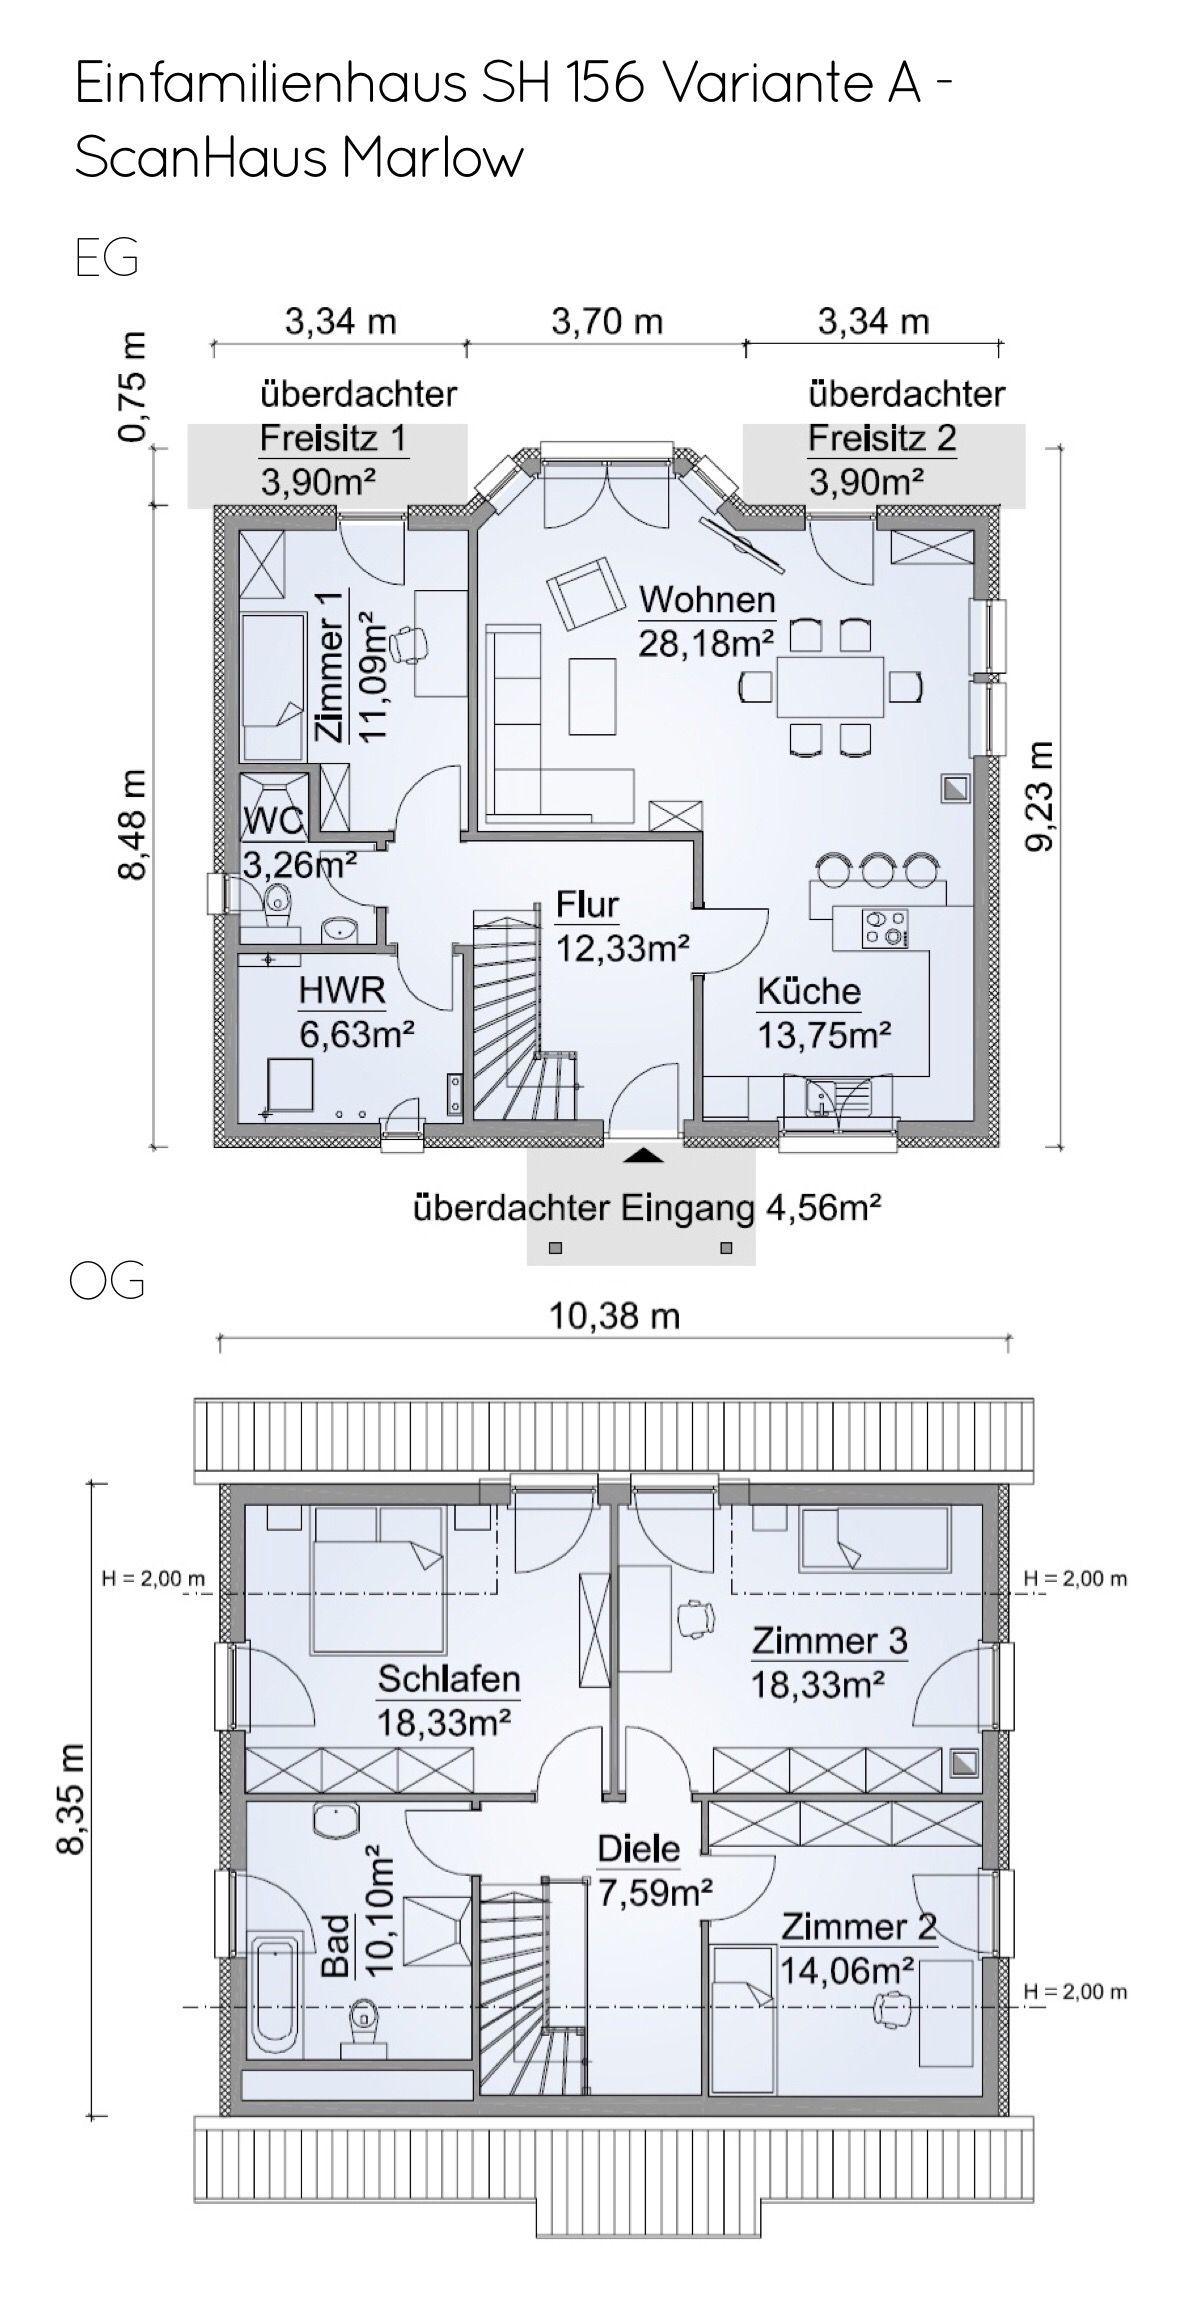 Grundriss Einfamilienhaus Mit Satteldach Architektur 5 Zimmer 130